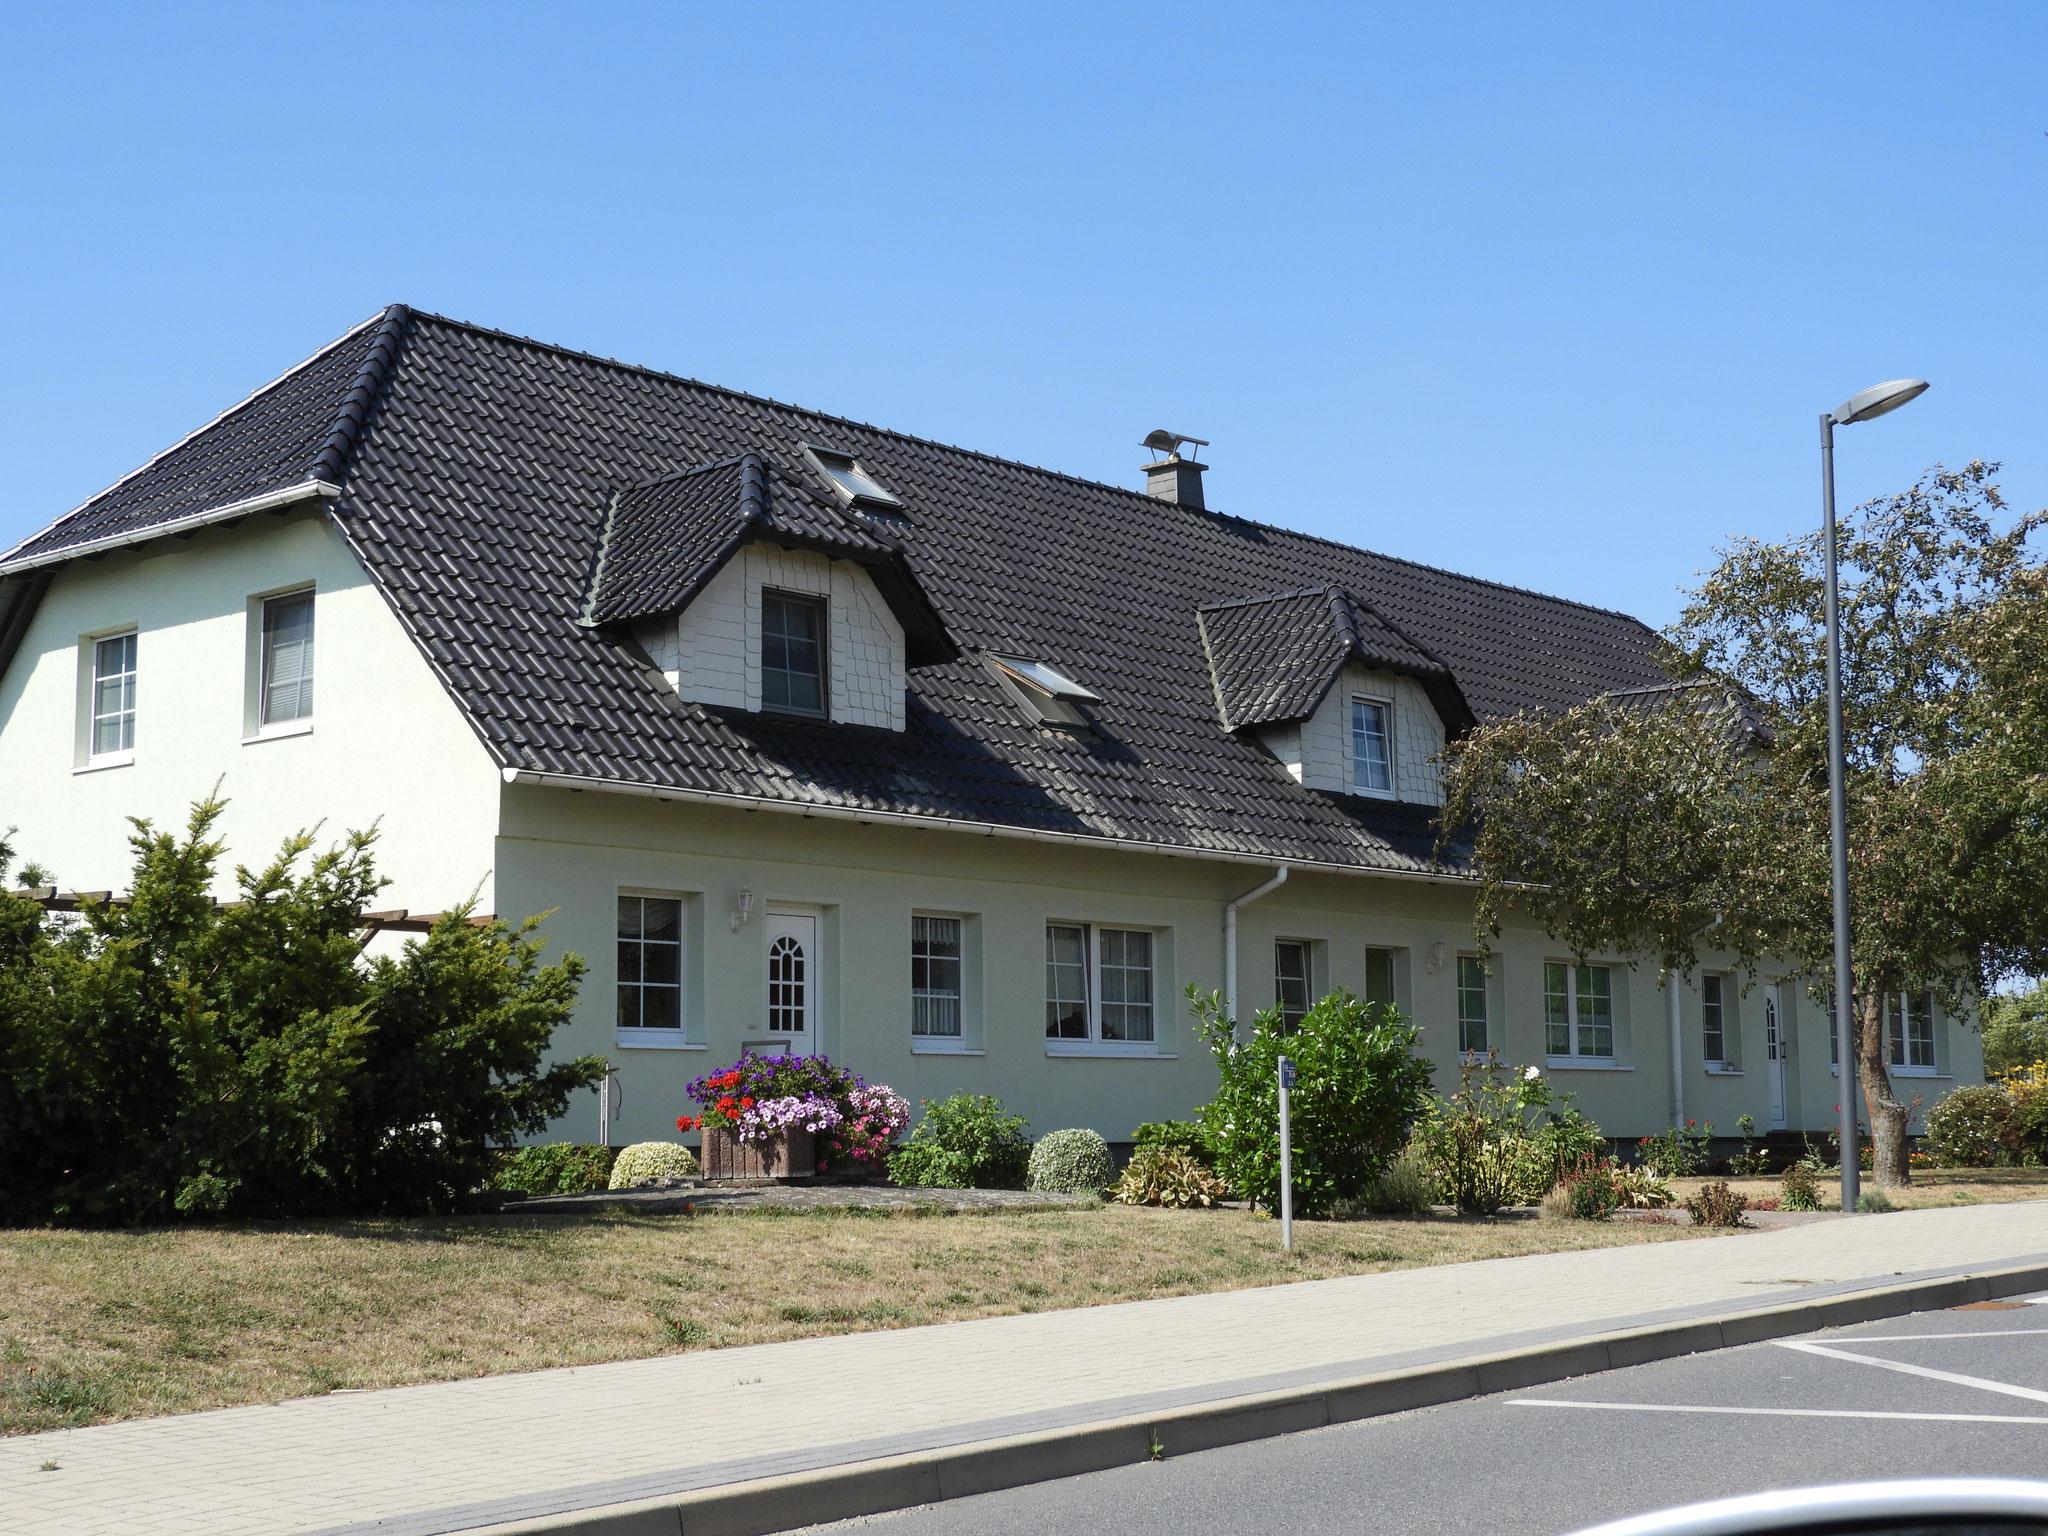 Wohn- und Geschäftshaus in Altentreptow